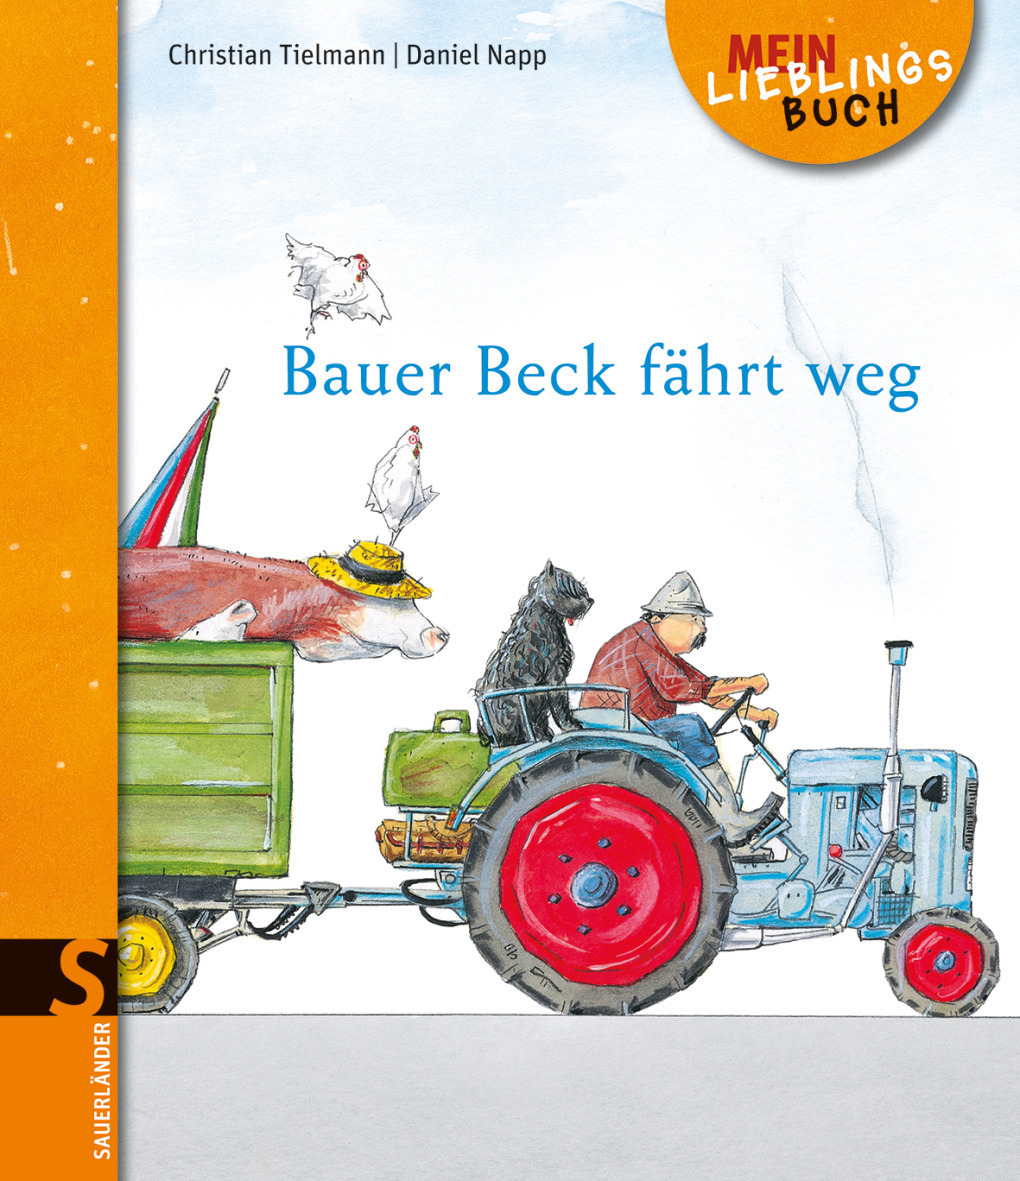 Bilderbuchkino in der Stadtteilbücherei am 12.10., 16 Uhr